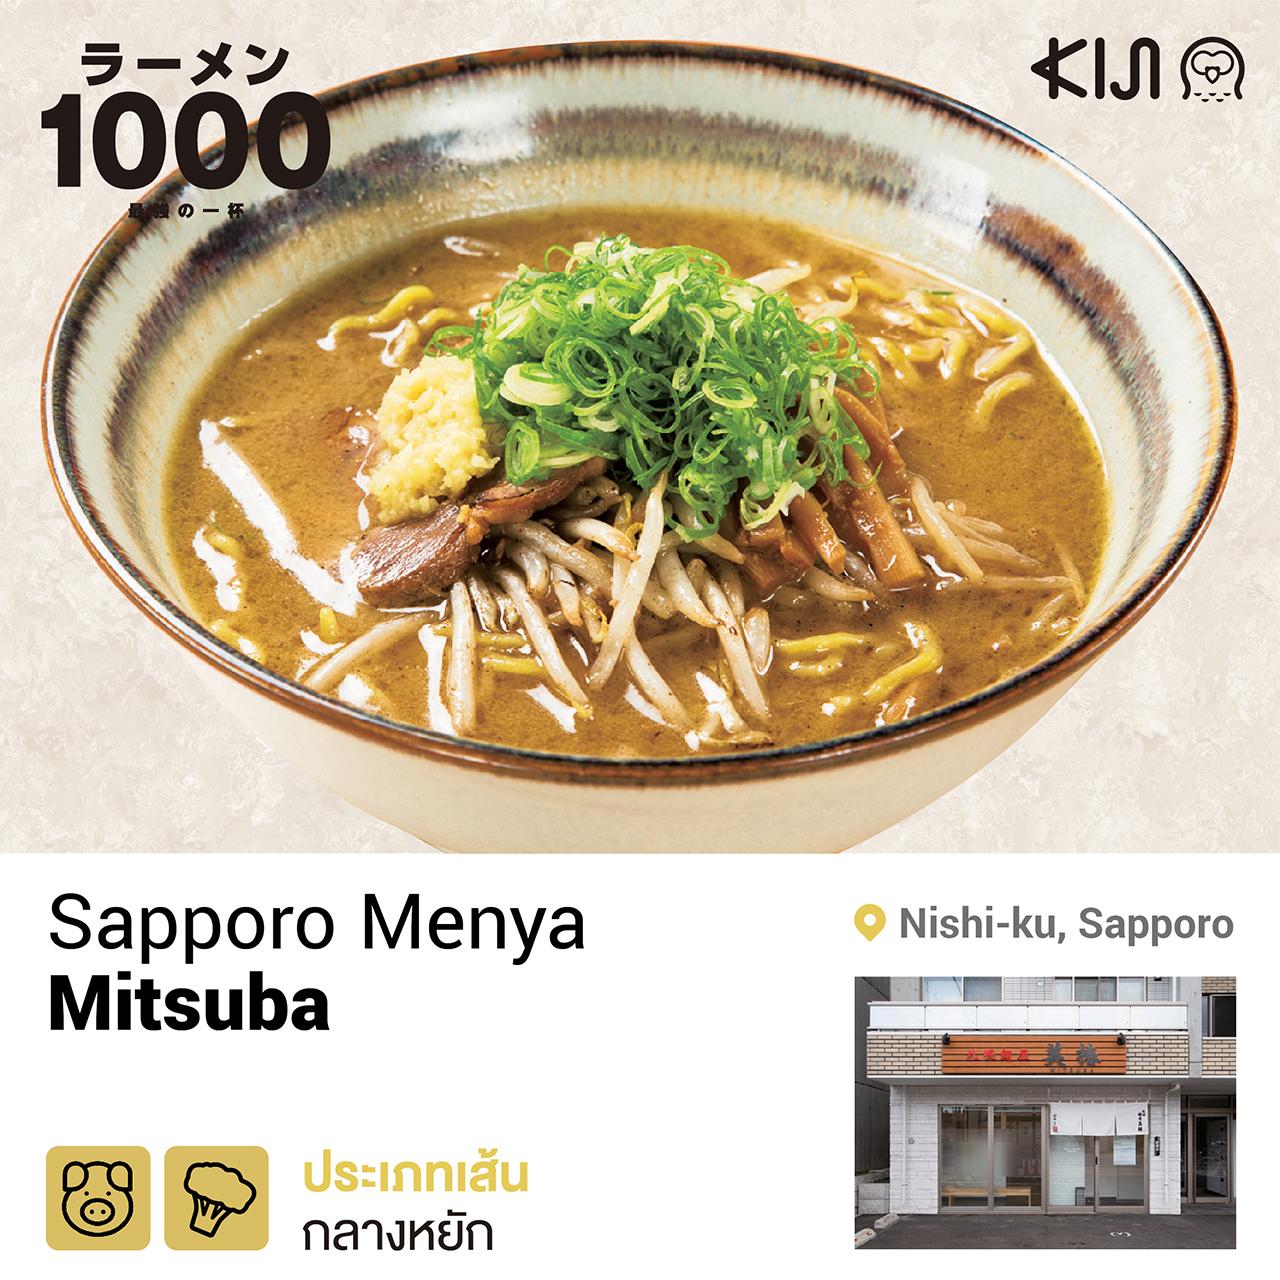 ร้านราเมน เขตนิชิ เมืองซัปโปโร จ.ฮอกไกโด -Sapporo Menya Mitsuba